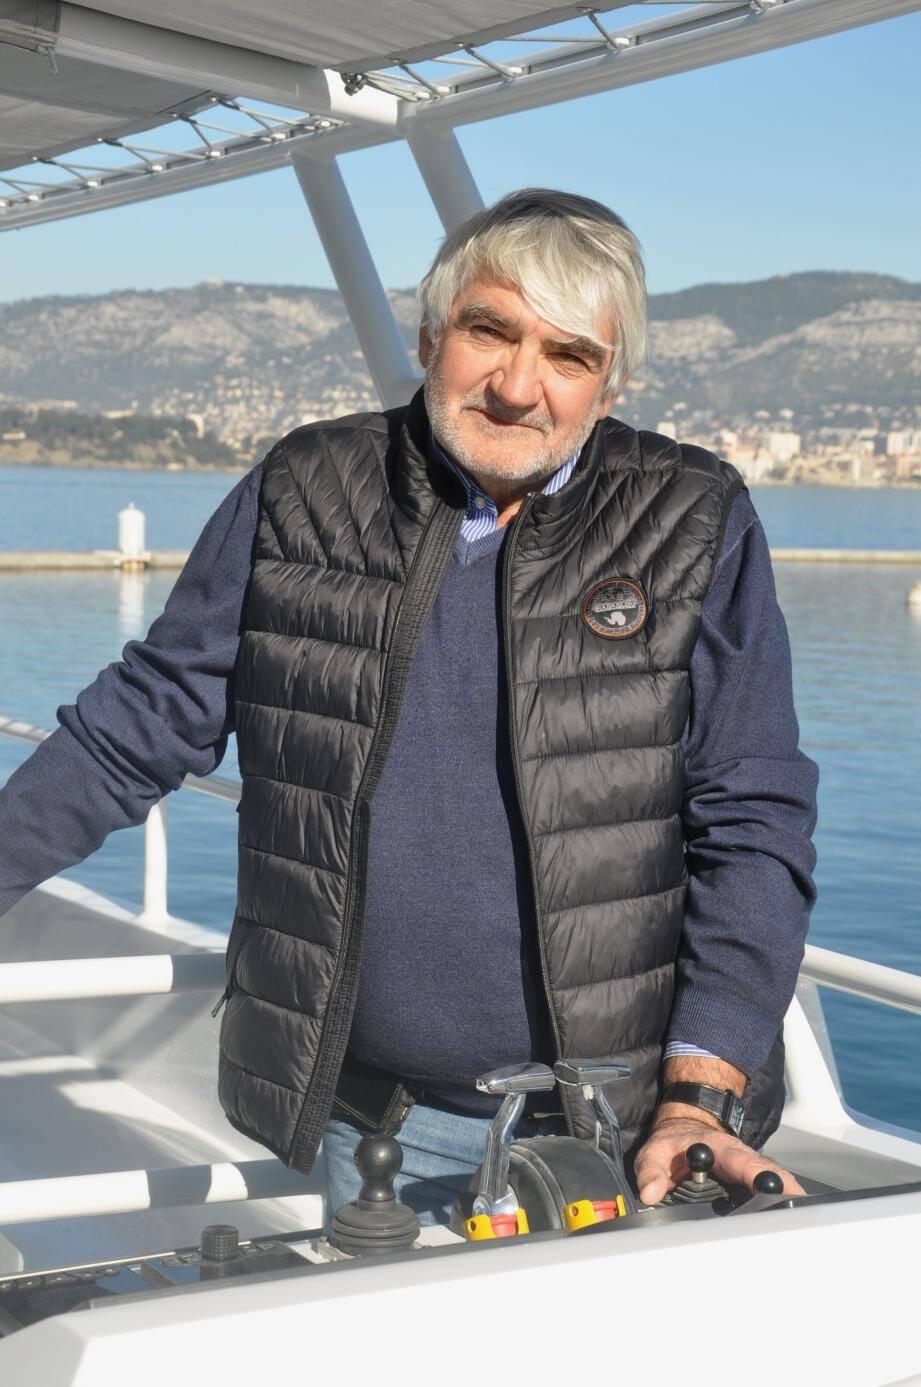 Mis à l'eau la semaine dernière, le Rivage Croisière II, peut transporter 200 passagers.